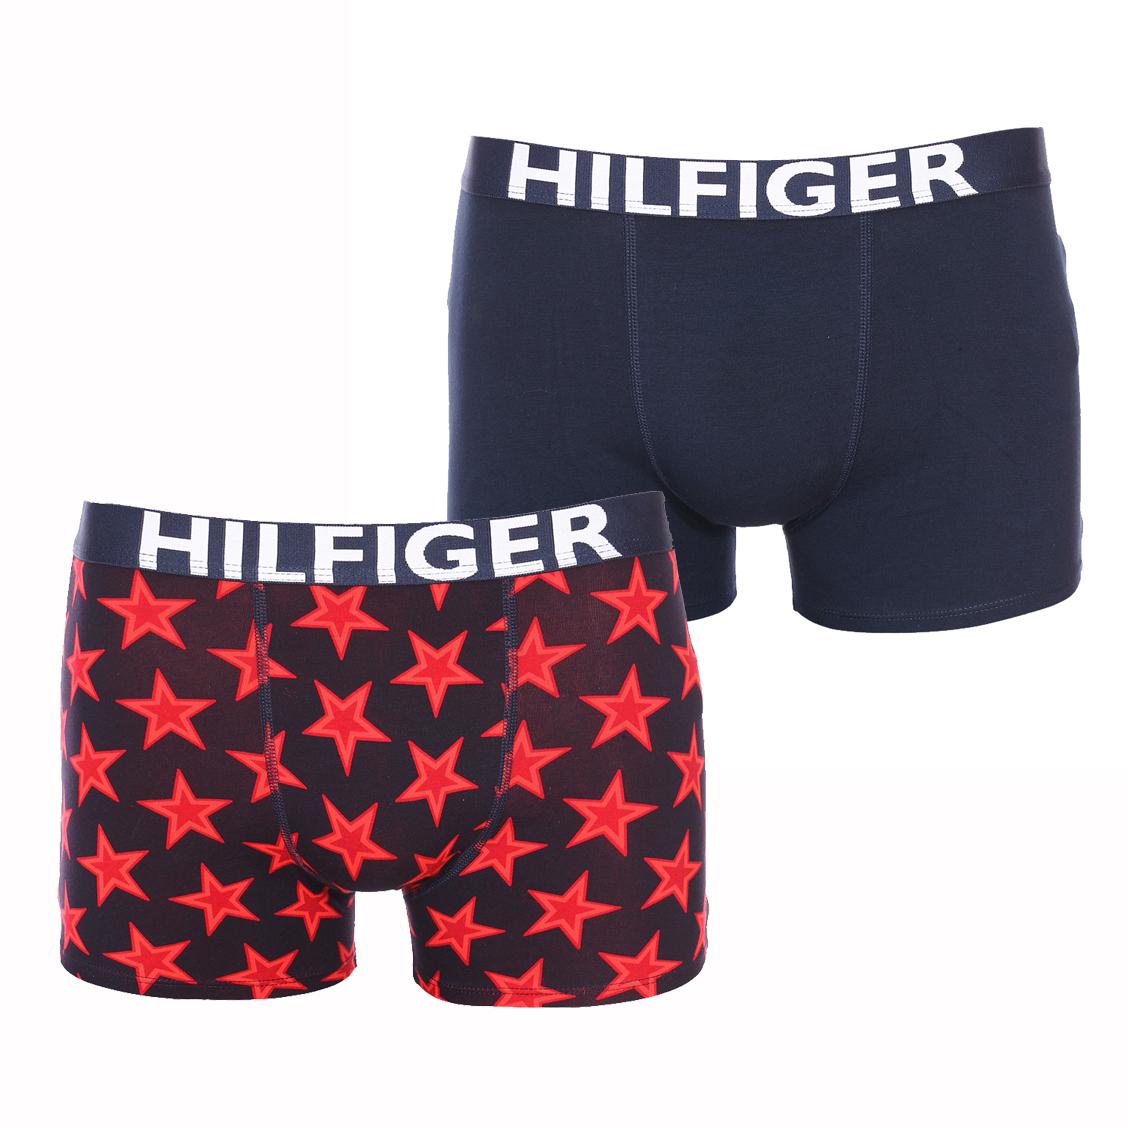 Lot de 2 boxers  en coton stretch bleu marine et bleu marine à étoiles rouges